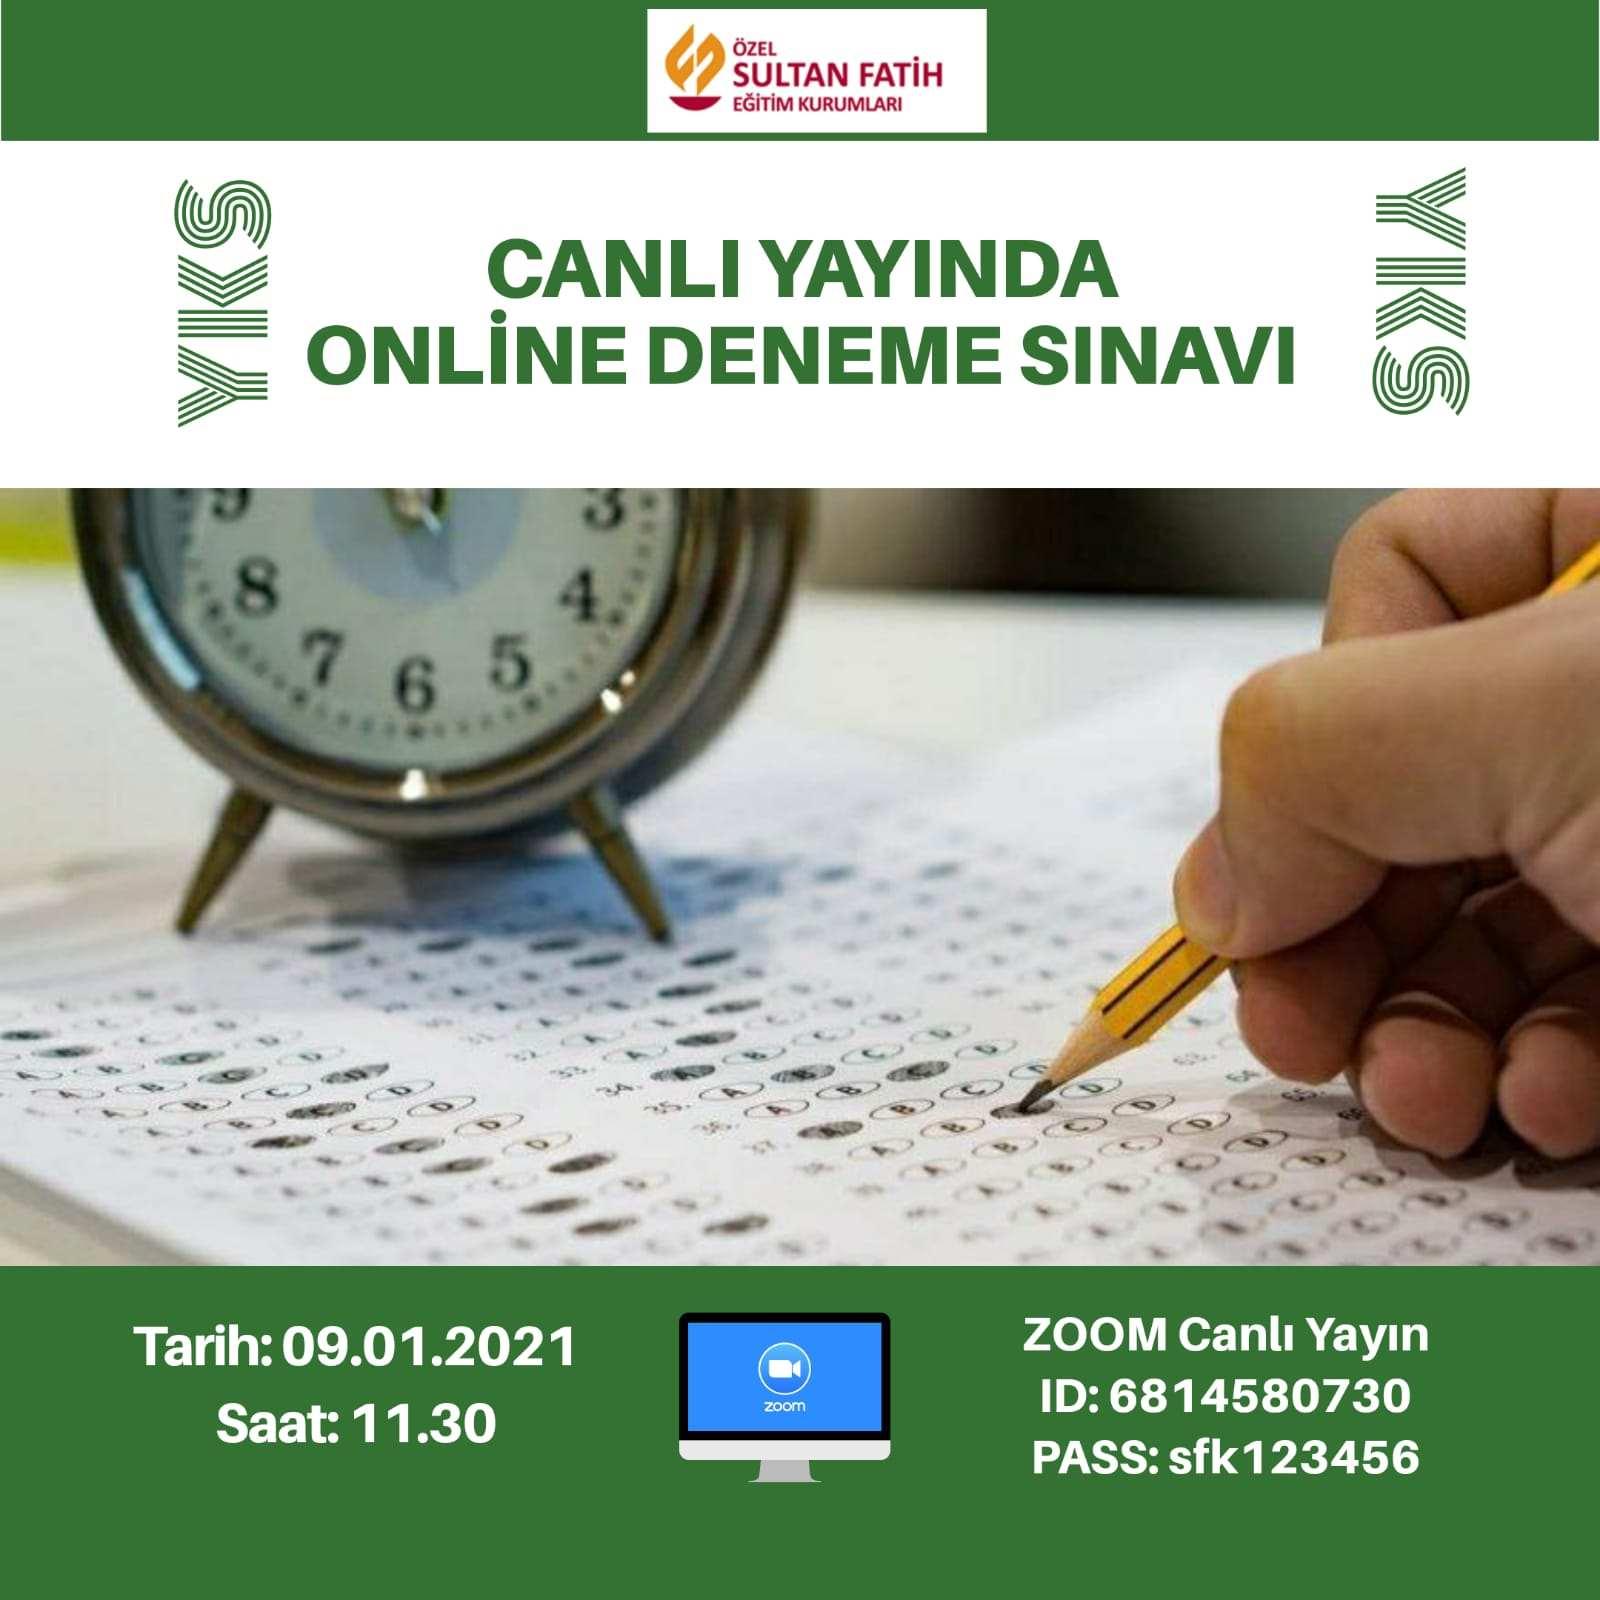 CANLI YAYINDA ONLİNE DENEME SINAVI